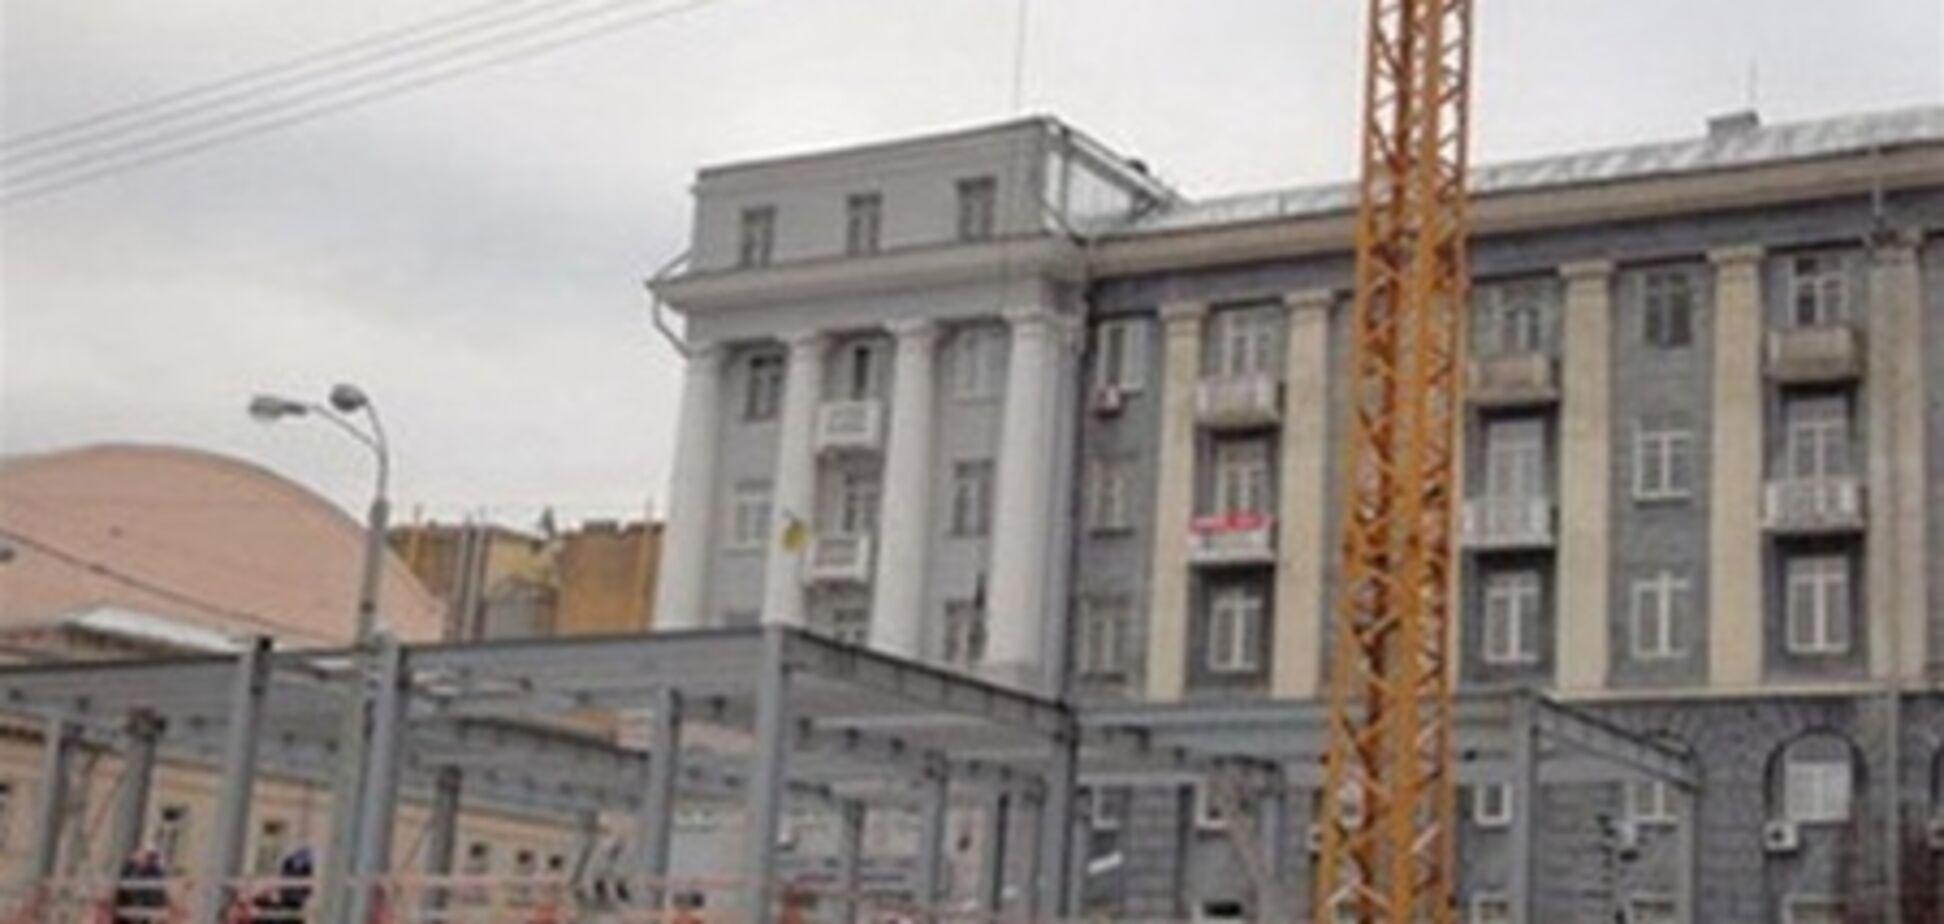 Стройку на Театральной признали незаконной